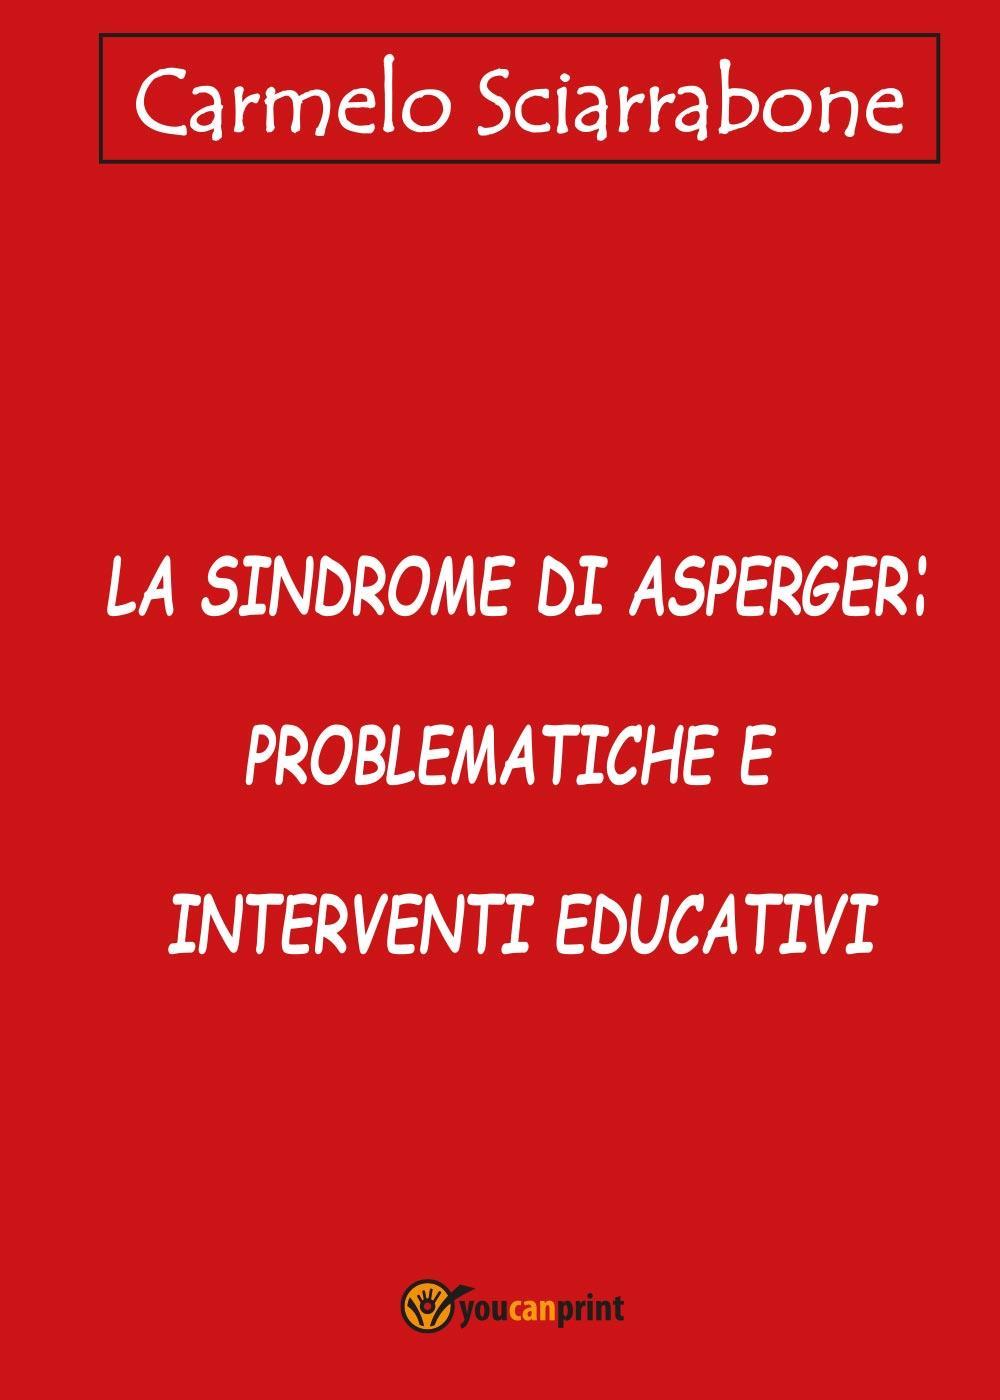 La sindrome di Asperger: problematiche e interventi educativi